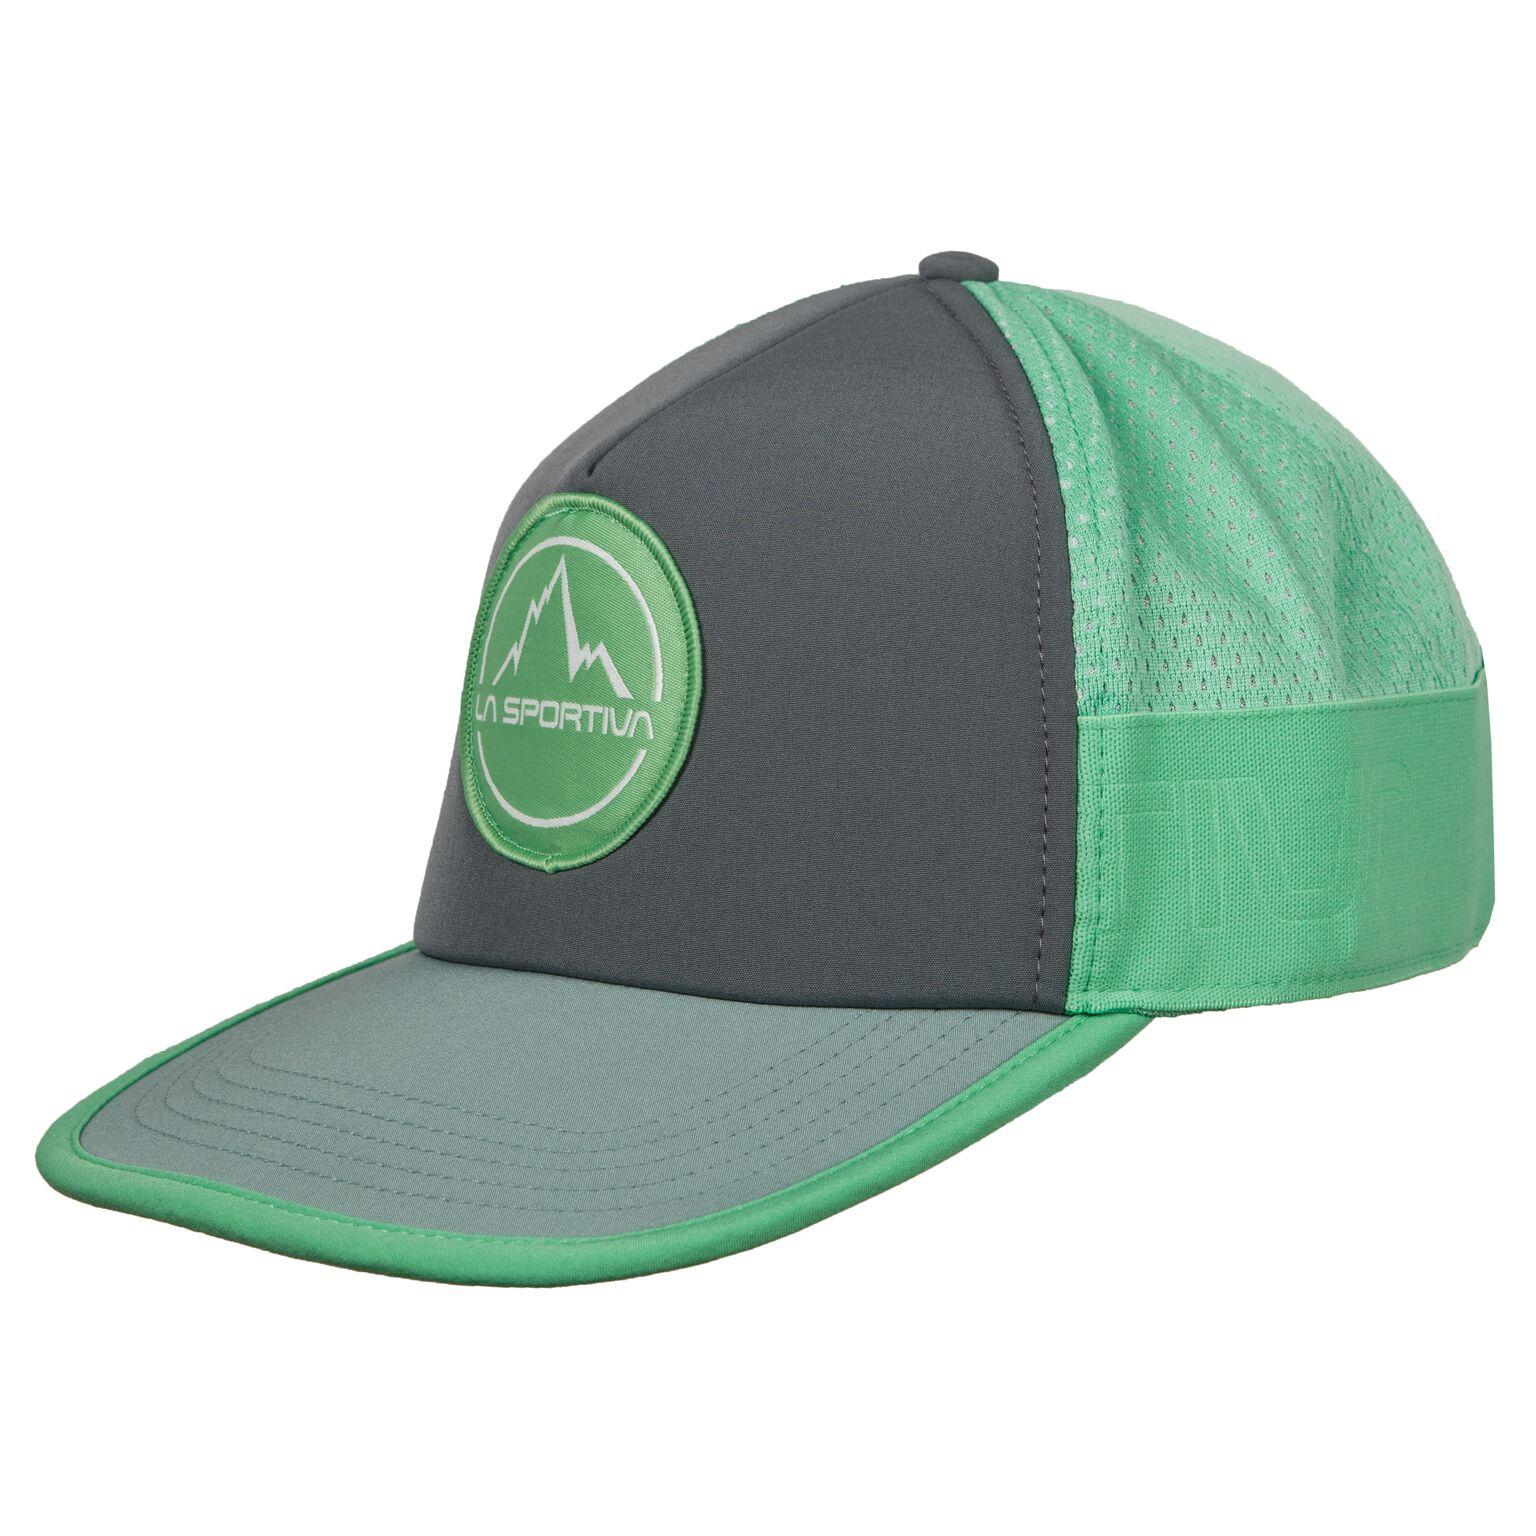 76d0866c0d7 La Sportiva Trail Trucker Hat